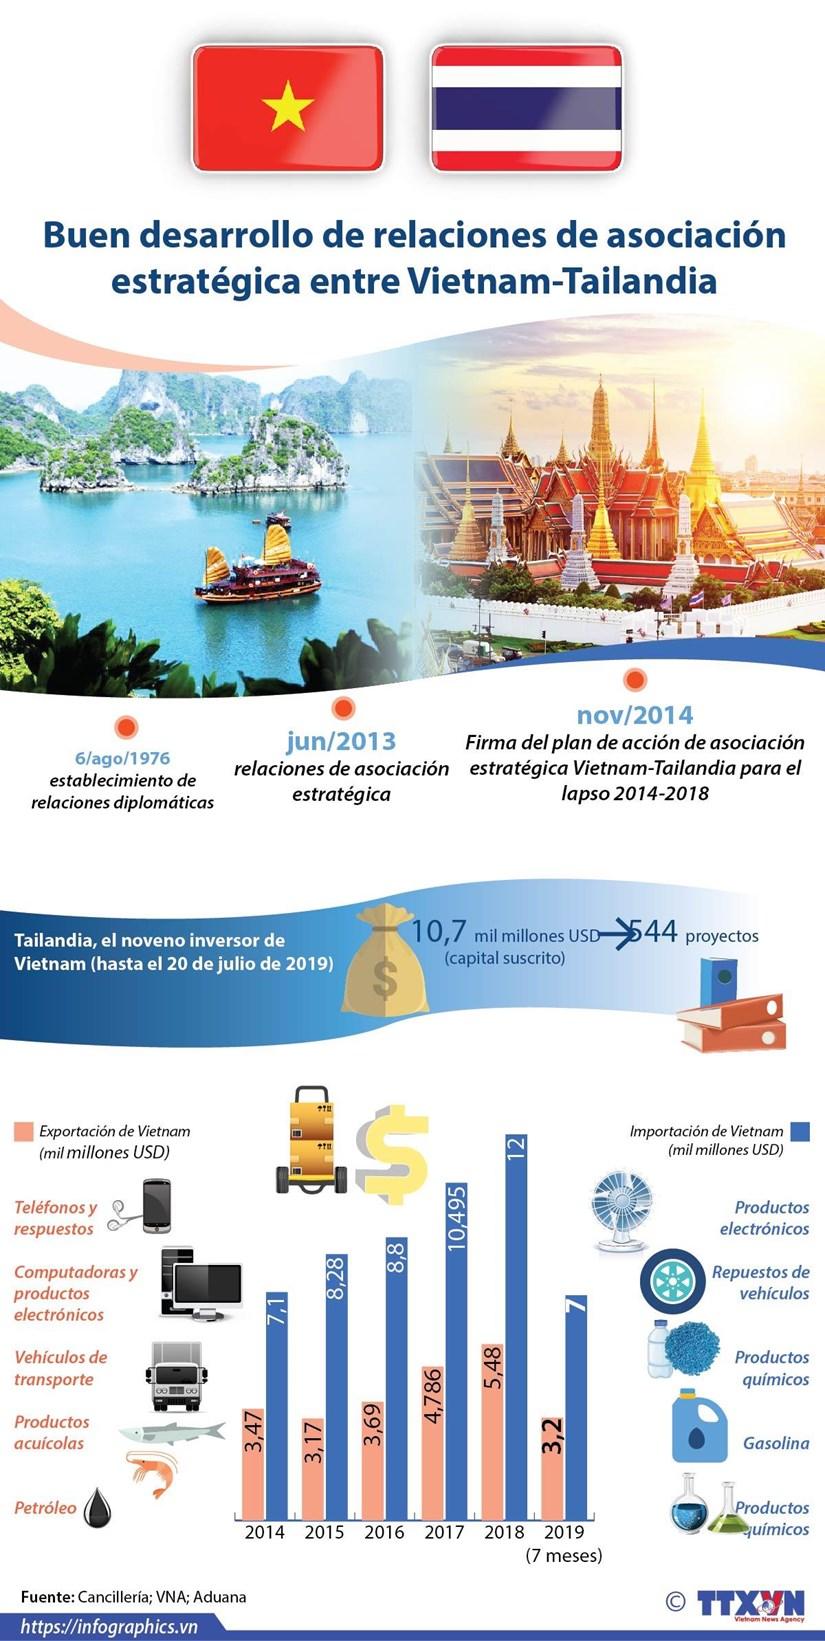 [info] Buen desarrollo de relaciones de asociacion estrategica entre Vietnam-Tailandia hinh anh 1